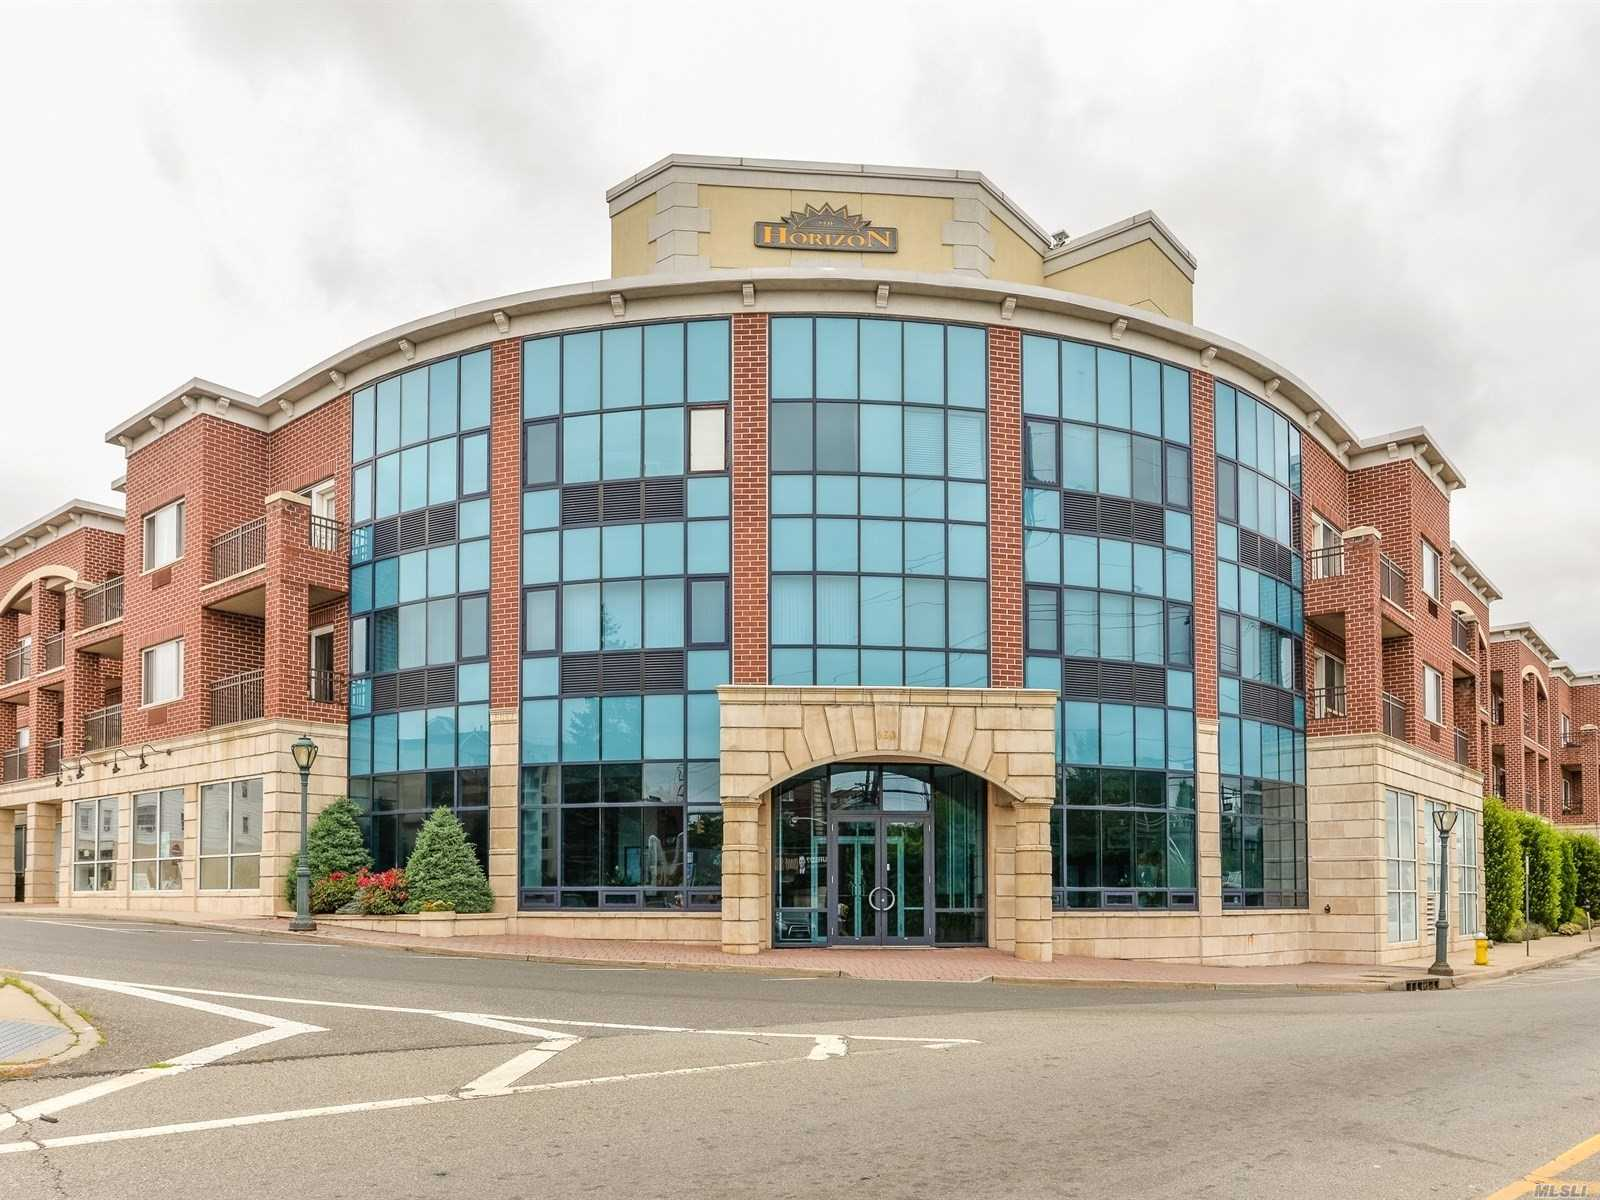 Westbury. Duplex 2 Bedroom, 2 Bath Unit In Luxury Horizon At Westbury. This Unit Features A Terrace Off Main Floor, Hardwood Floors, 24 Hour Door Service, Fitness Room And Garage Parking.